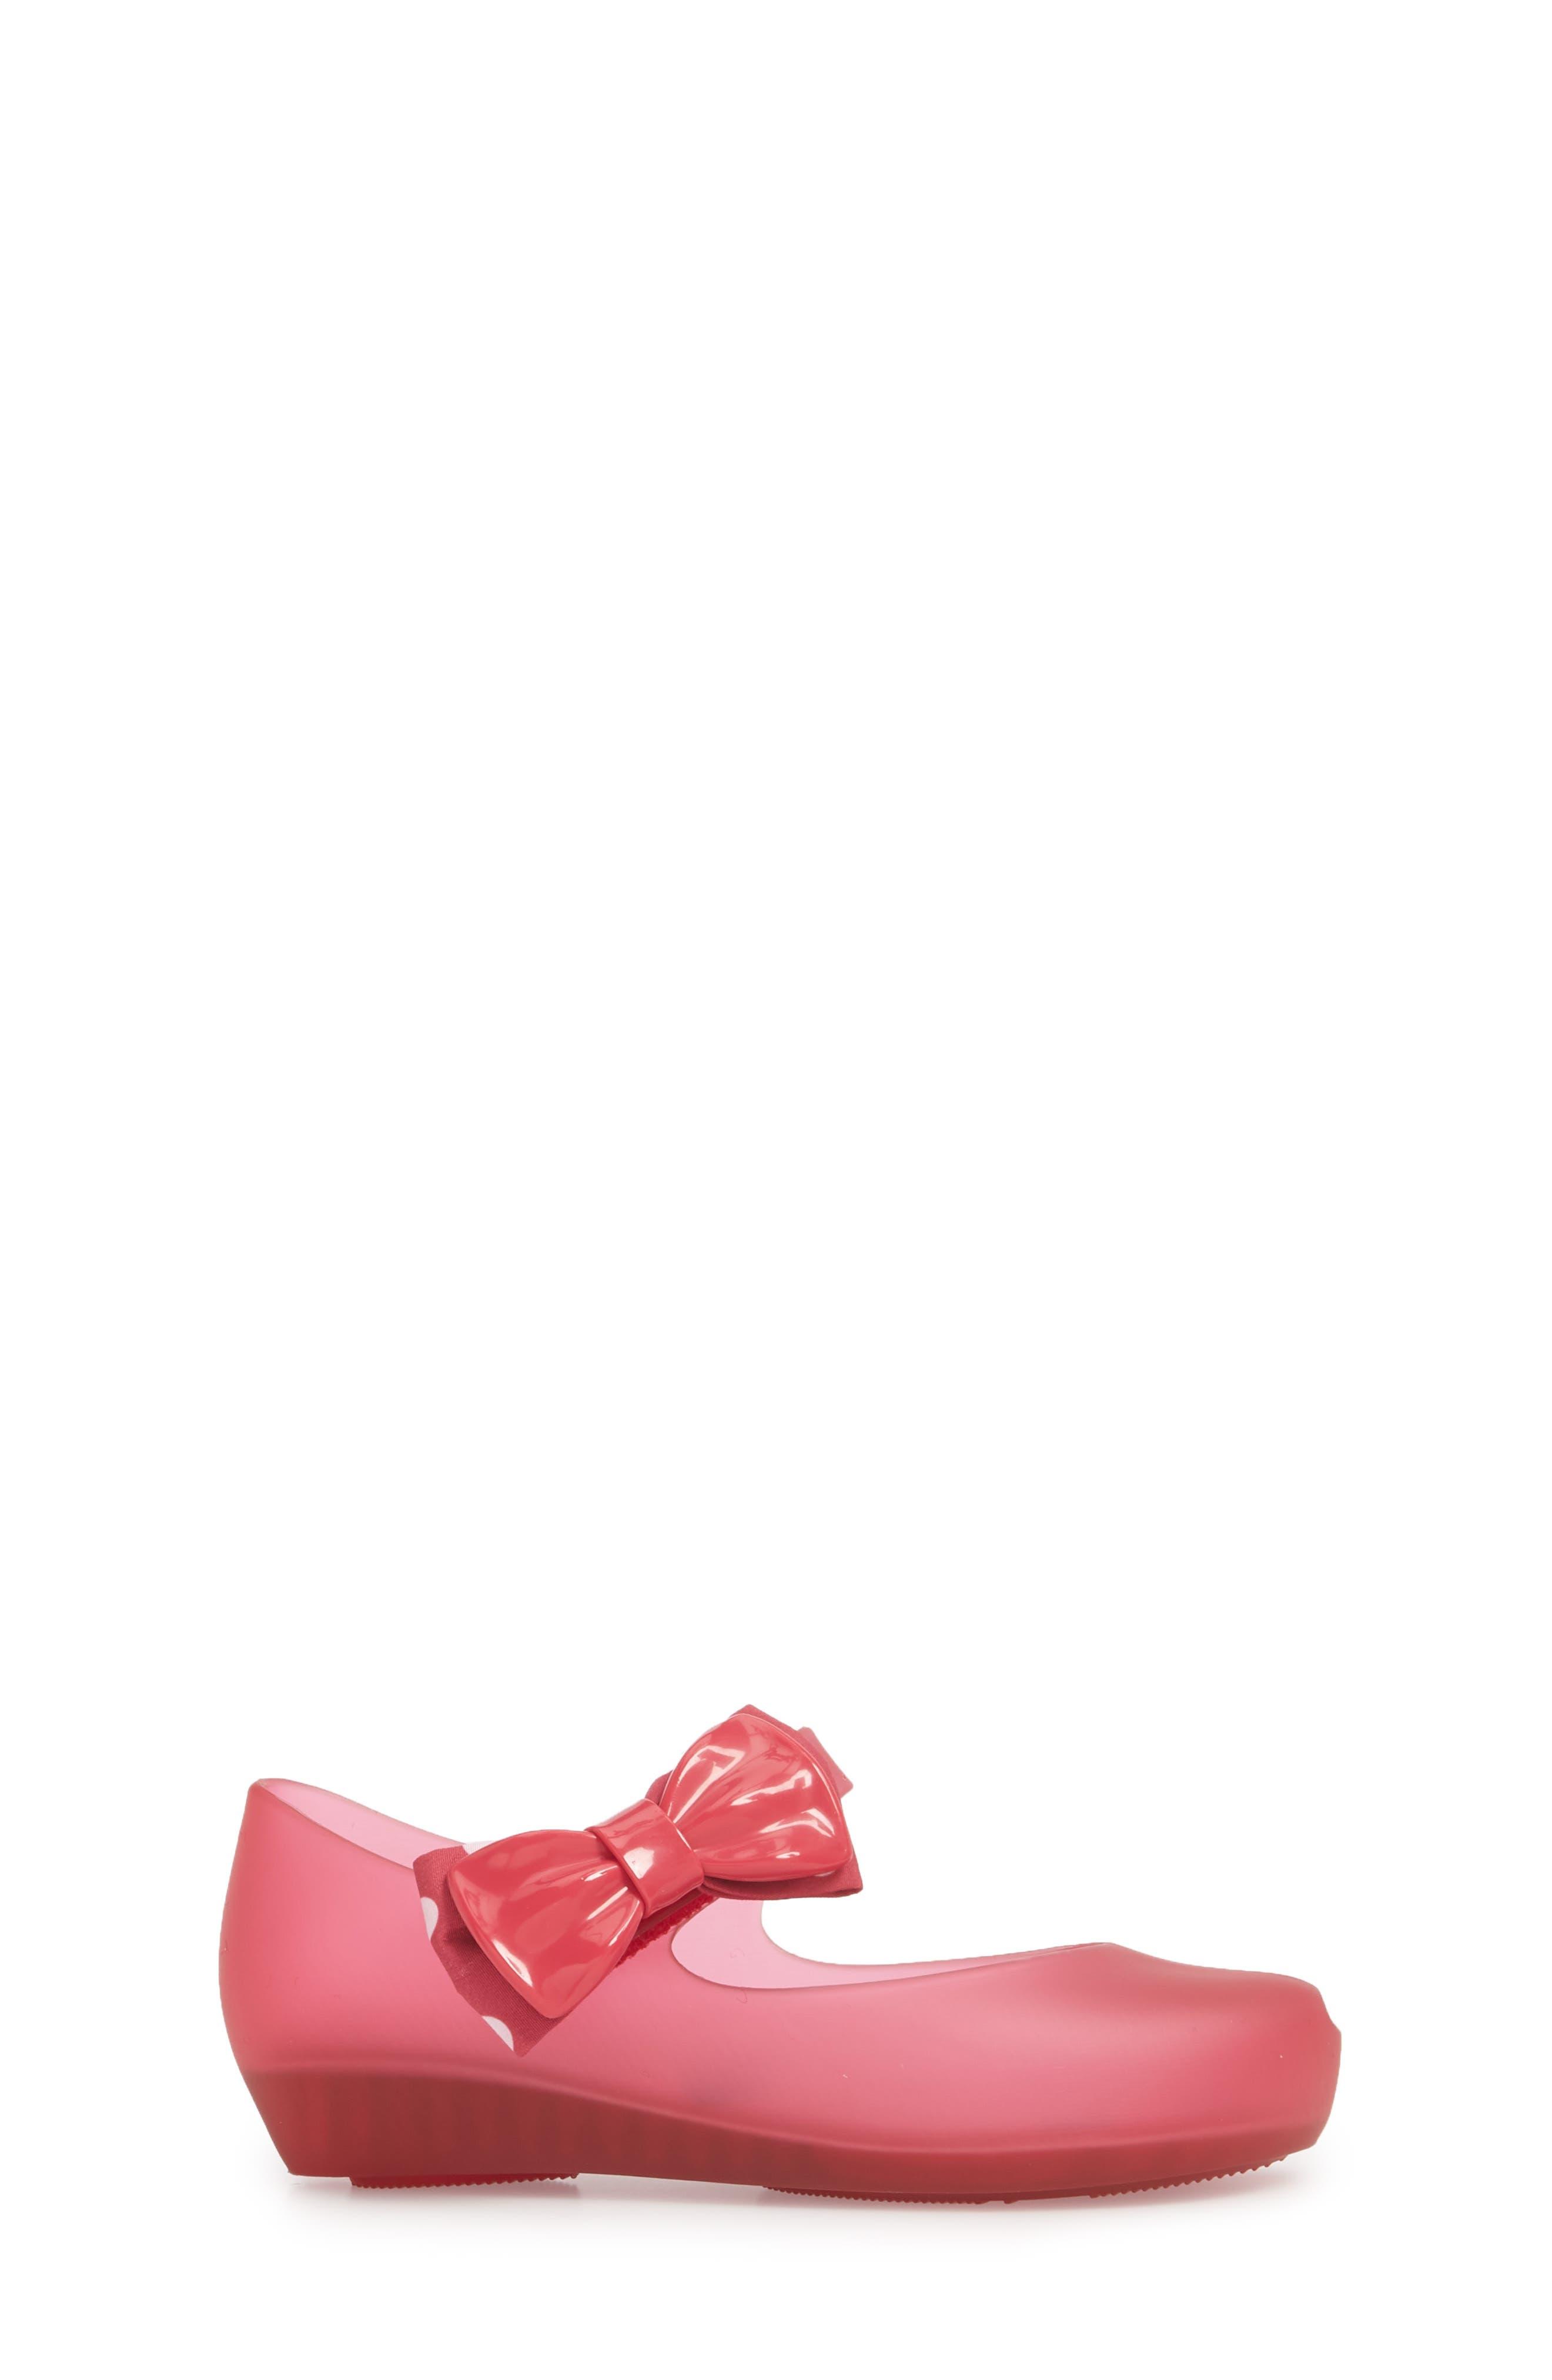 Mini Melissa Ultragirl Minnie Mouse® II Mary Jane